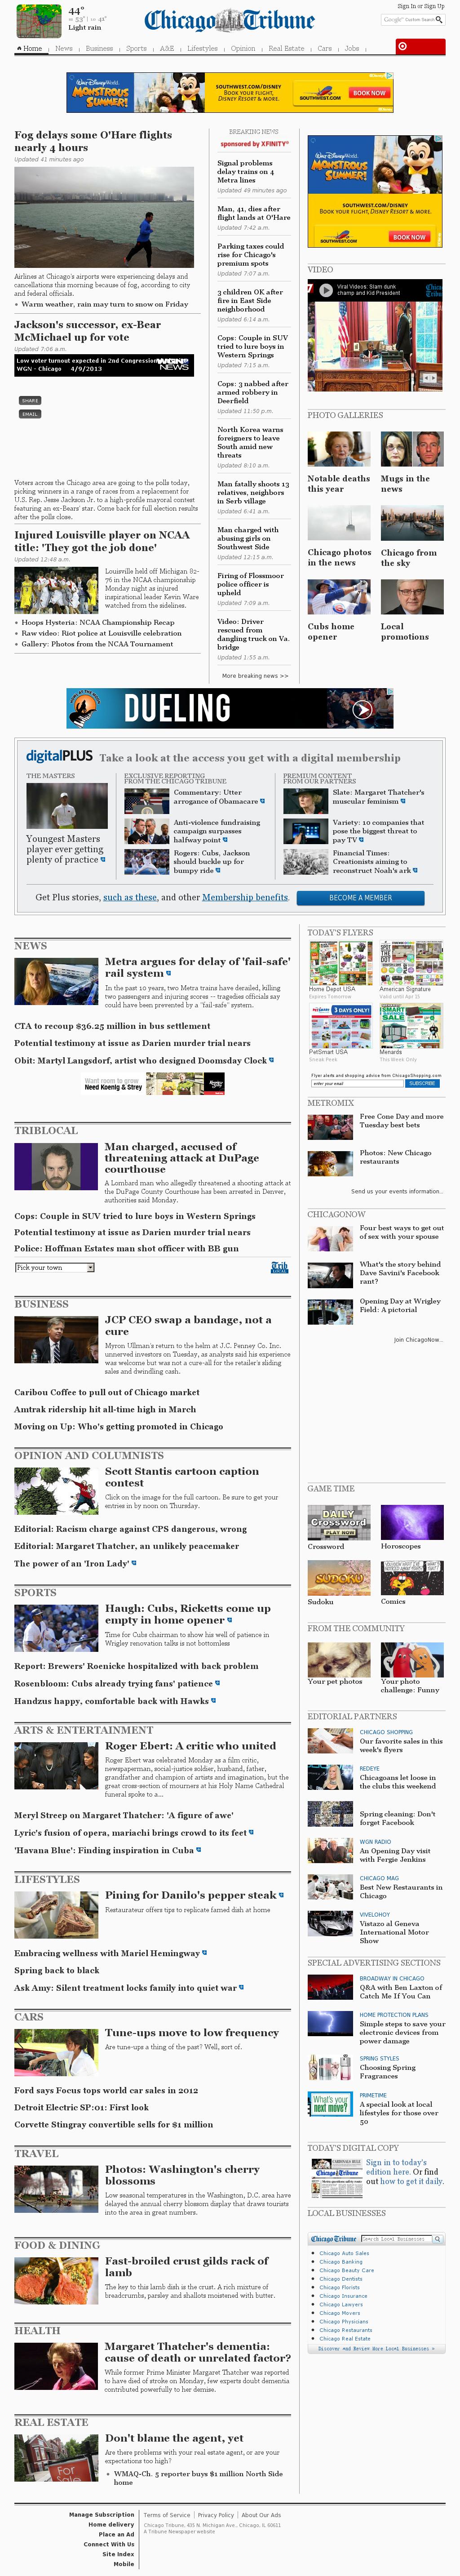 Chicago Tribune at Tuesday April 9, 2013, 3:06 p.m. UTC